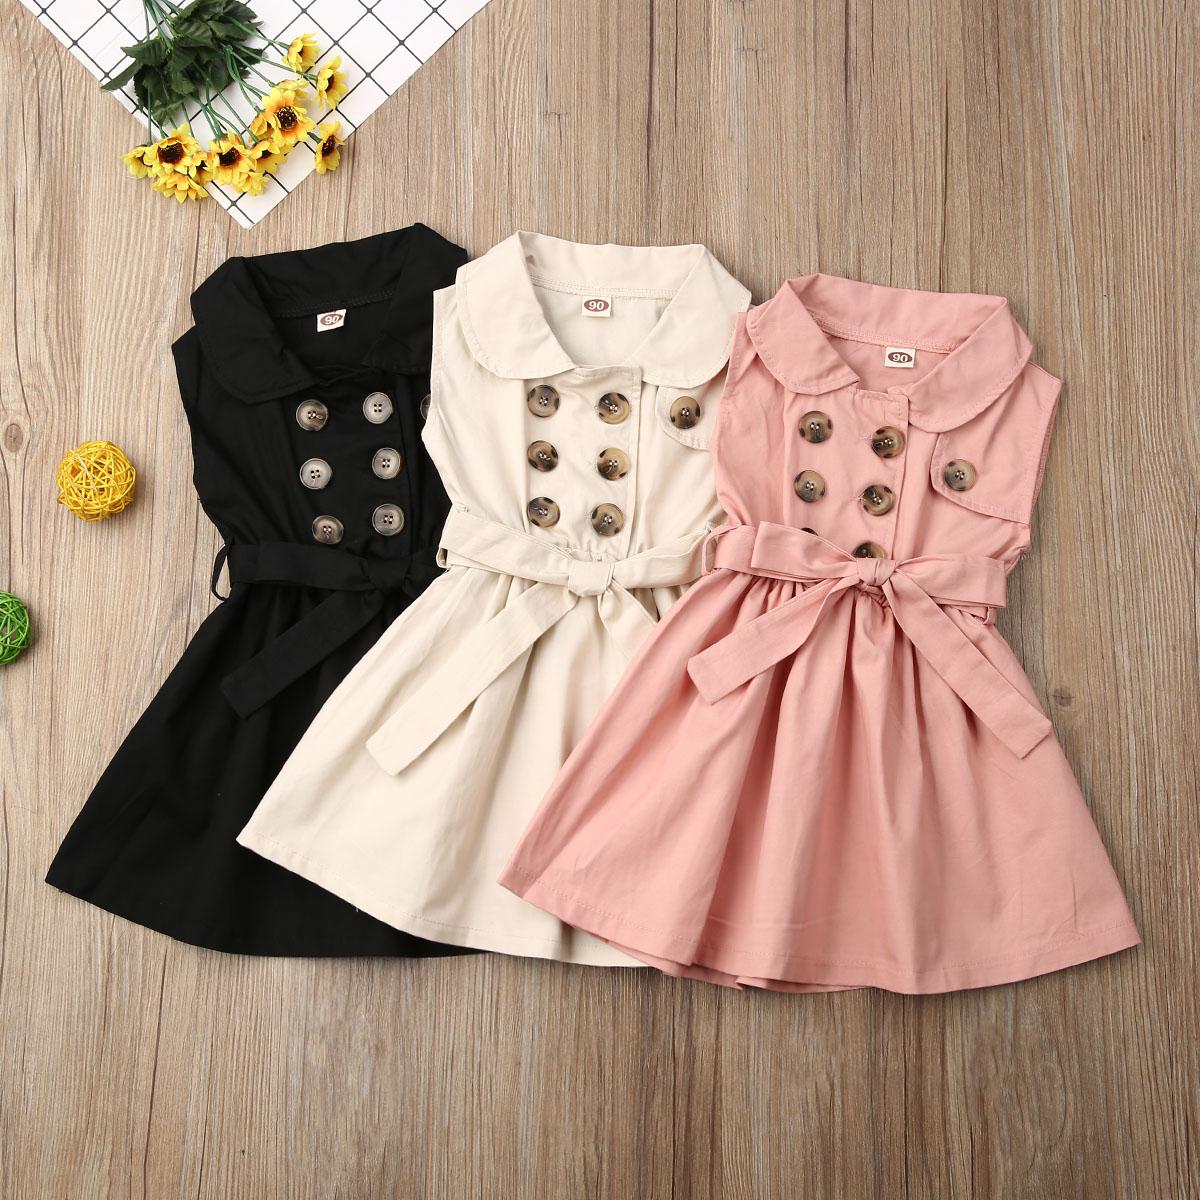 От 1 до 6 лет, модное платье для маленьких девочек новое праздничное платье принцессы без рукавов с пуговицами и бантом на свадьбу